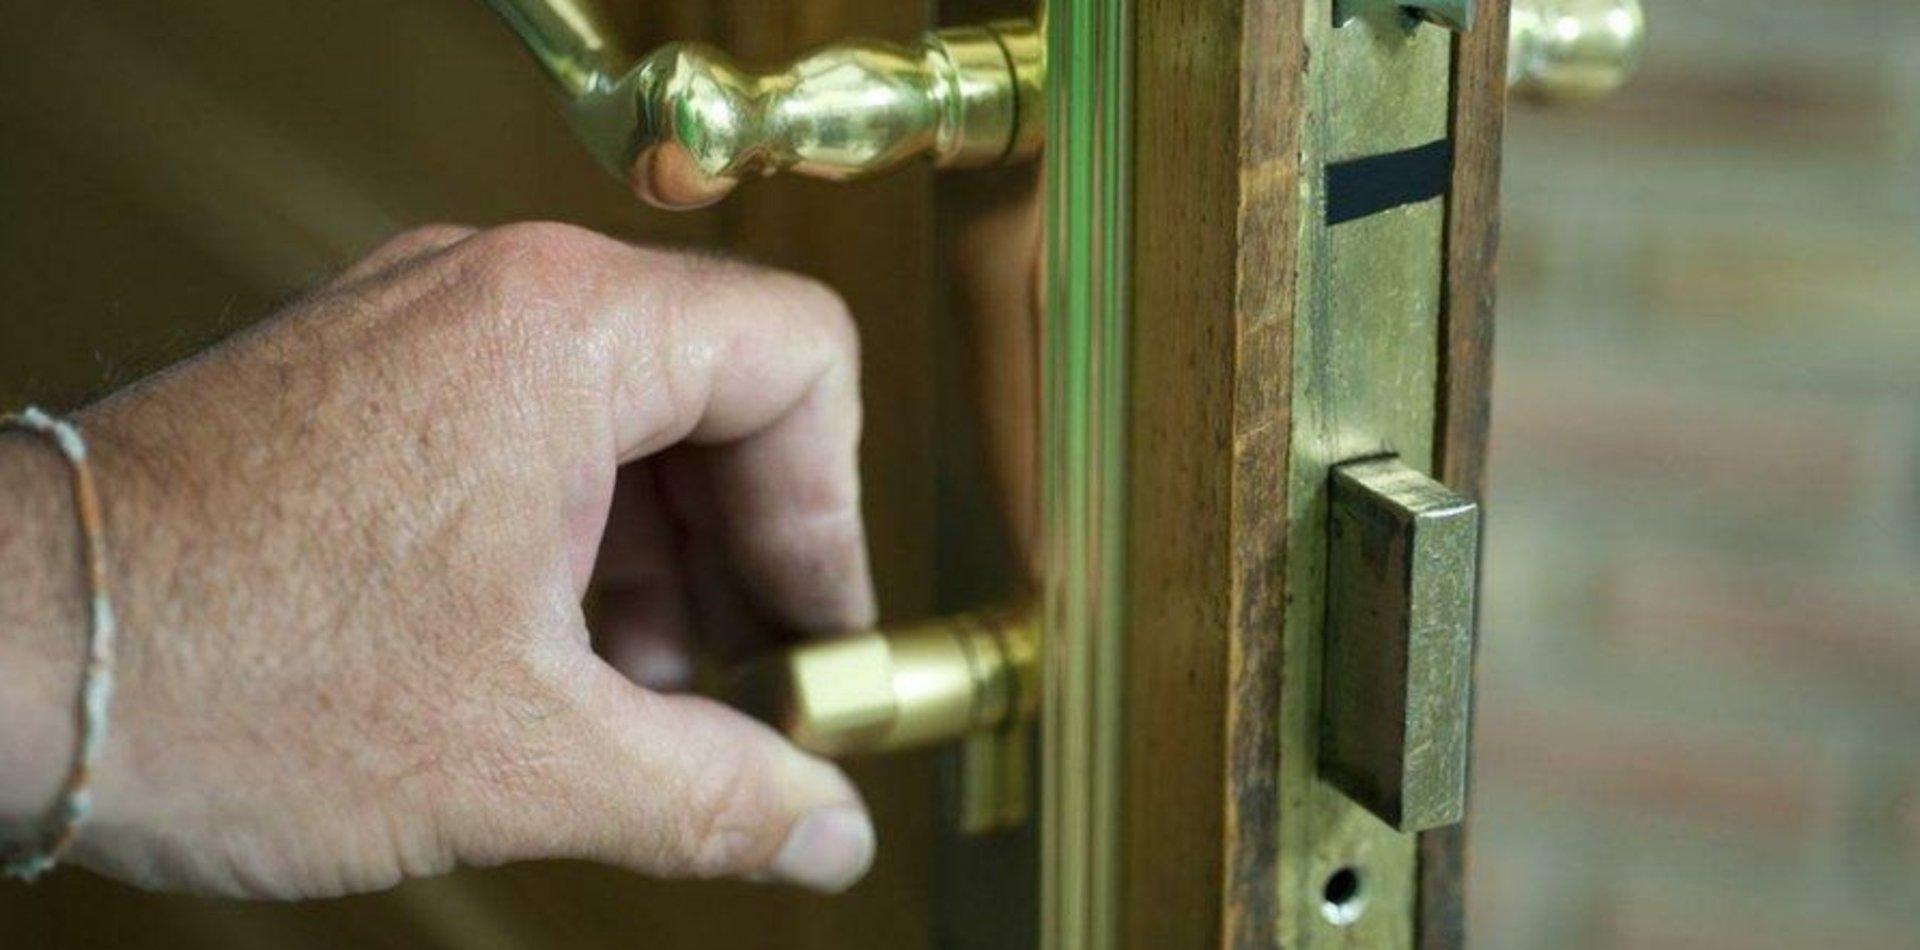 Se metieron en una casa de La Plata, le cambiaron la cerradura y quisieron usurparla